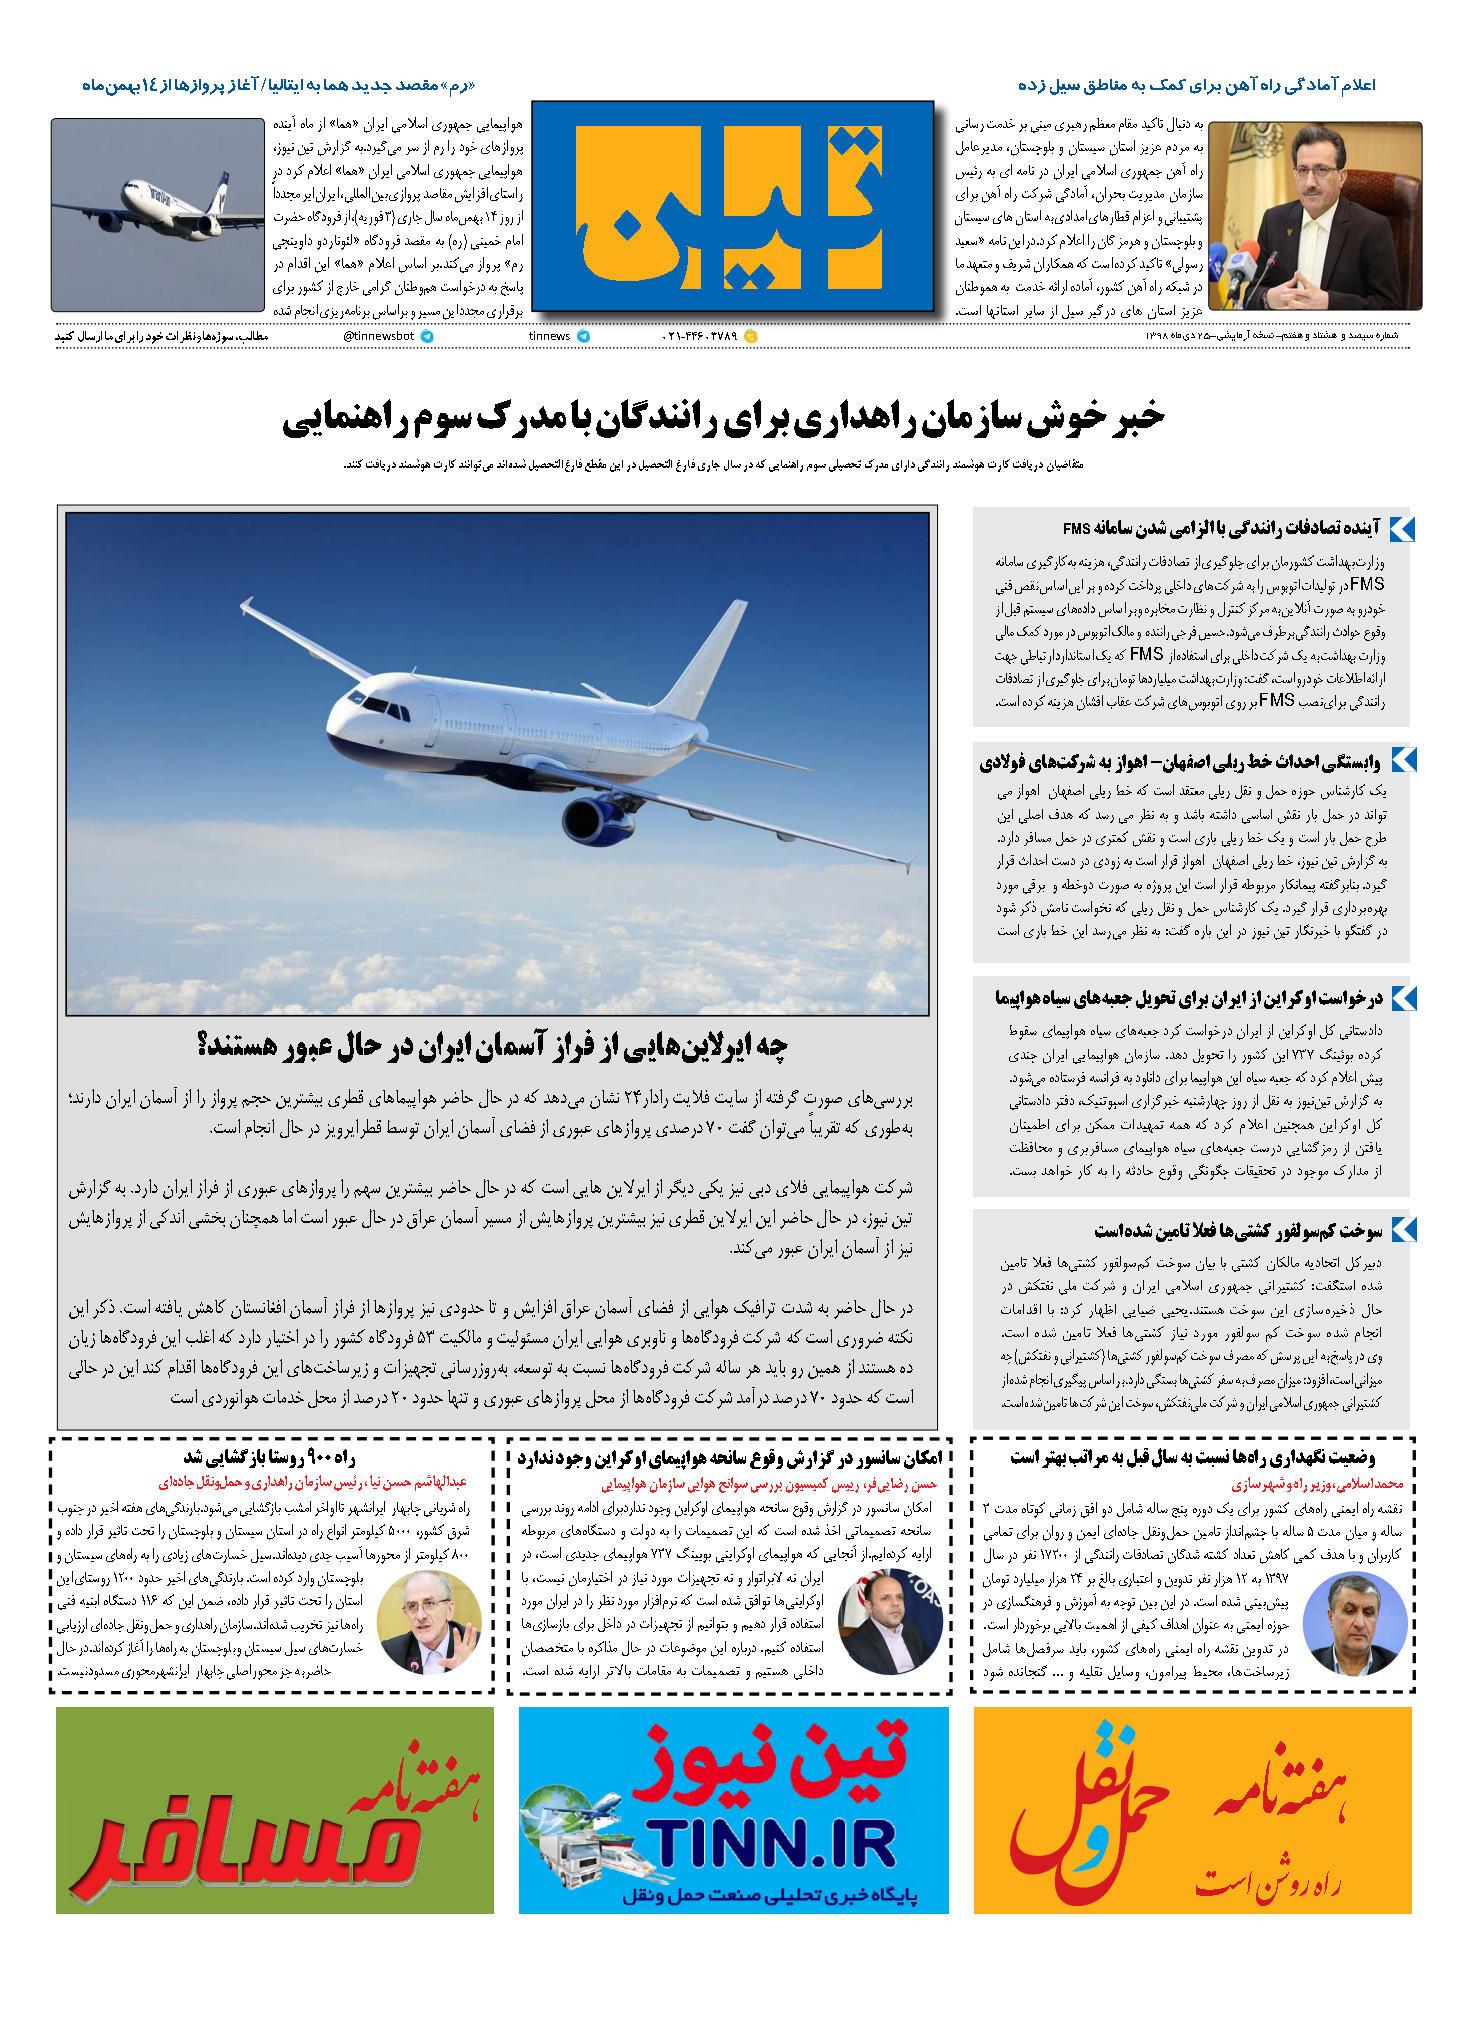 روزنامه الکترونیک 25 دی ماه 98